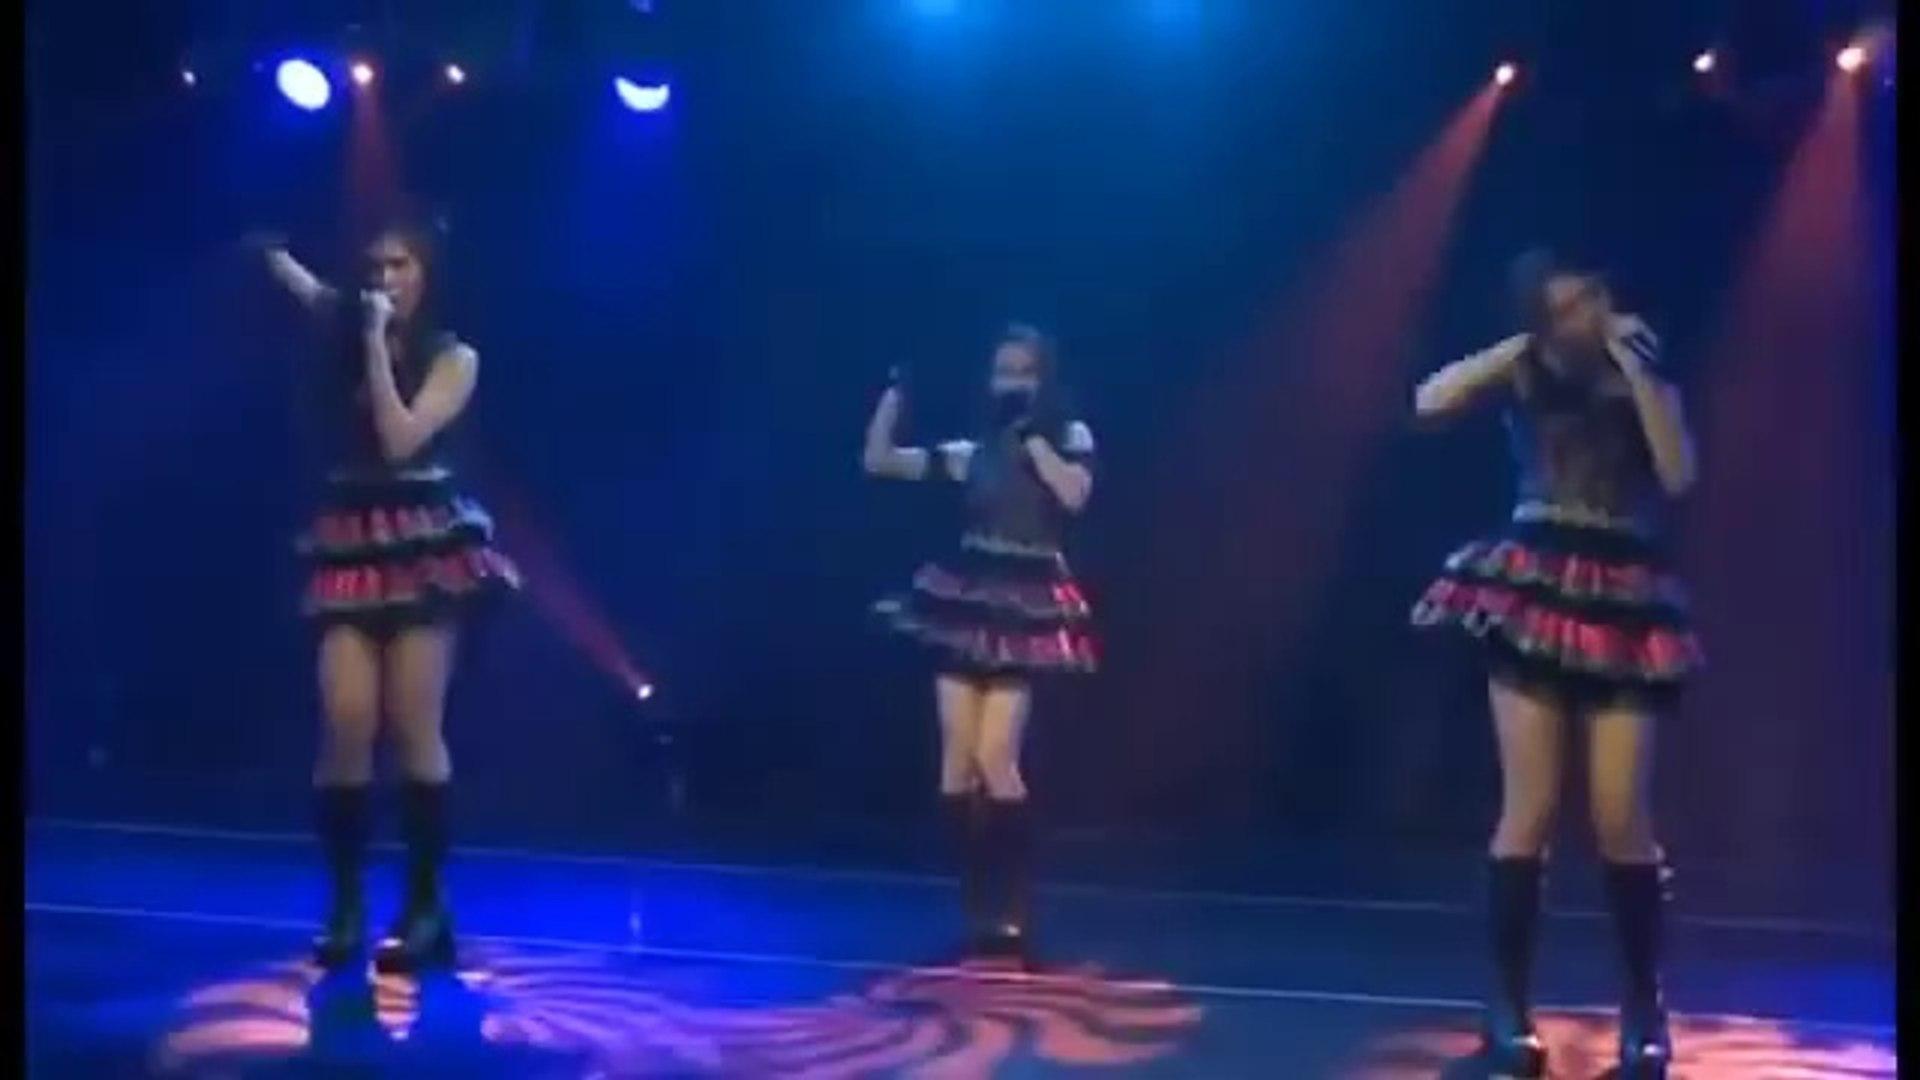 jkt48 kuroi tenshi malaikat hitam